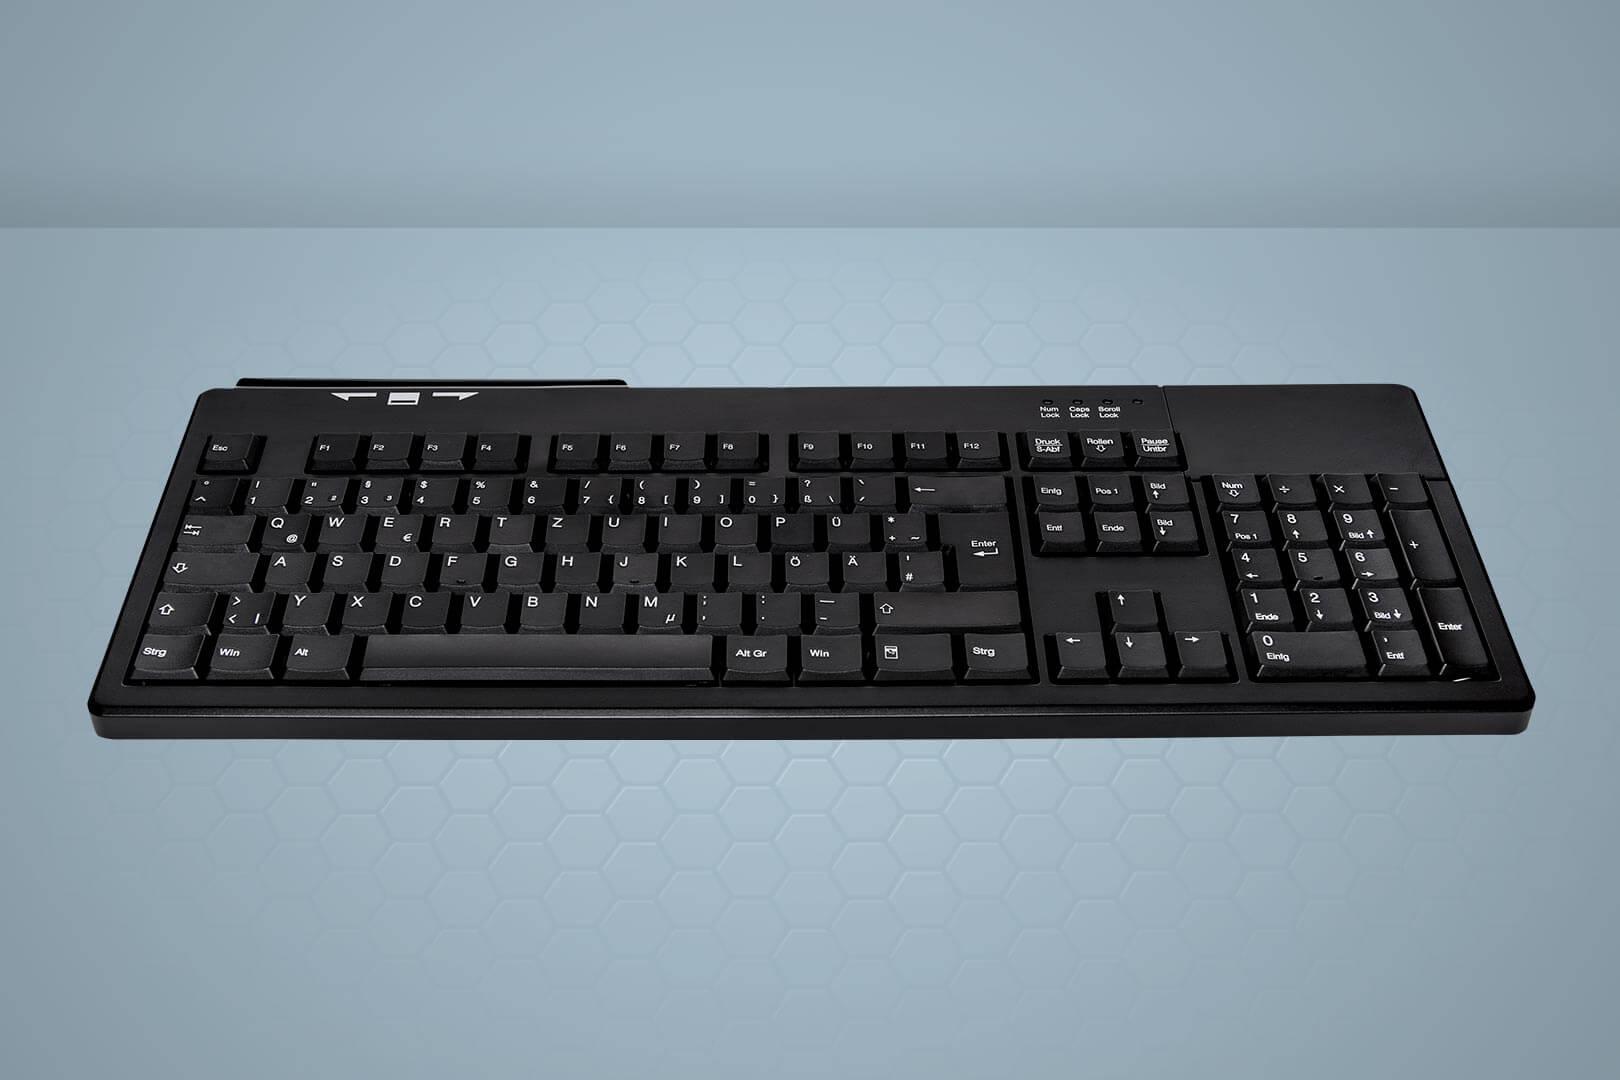 Active Key AK-8800S